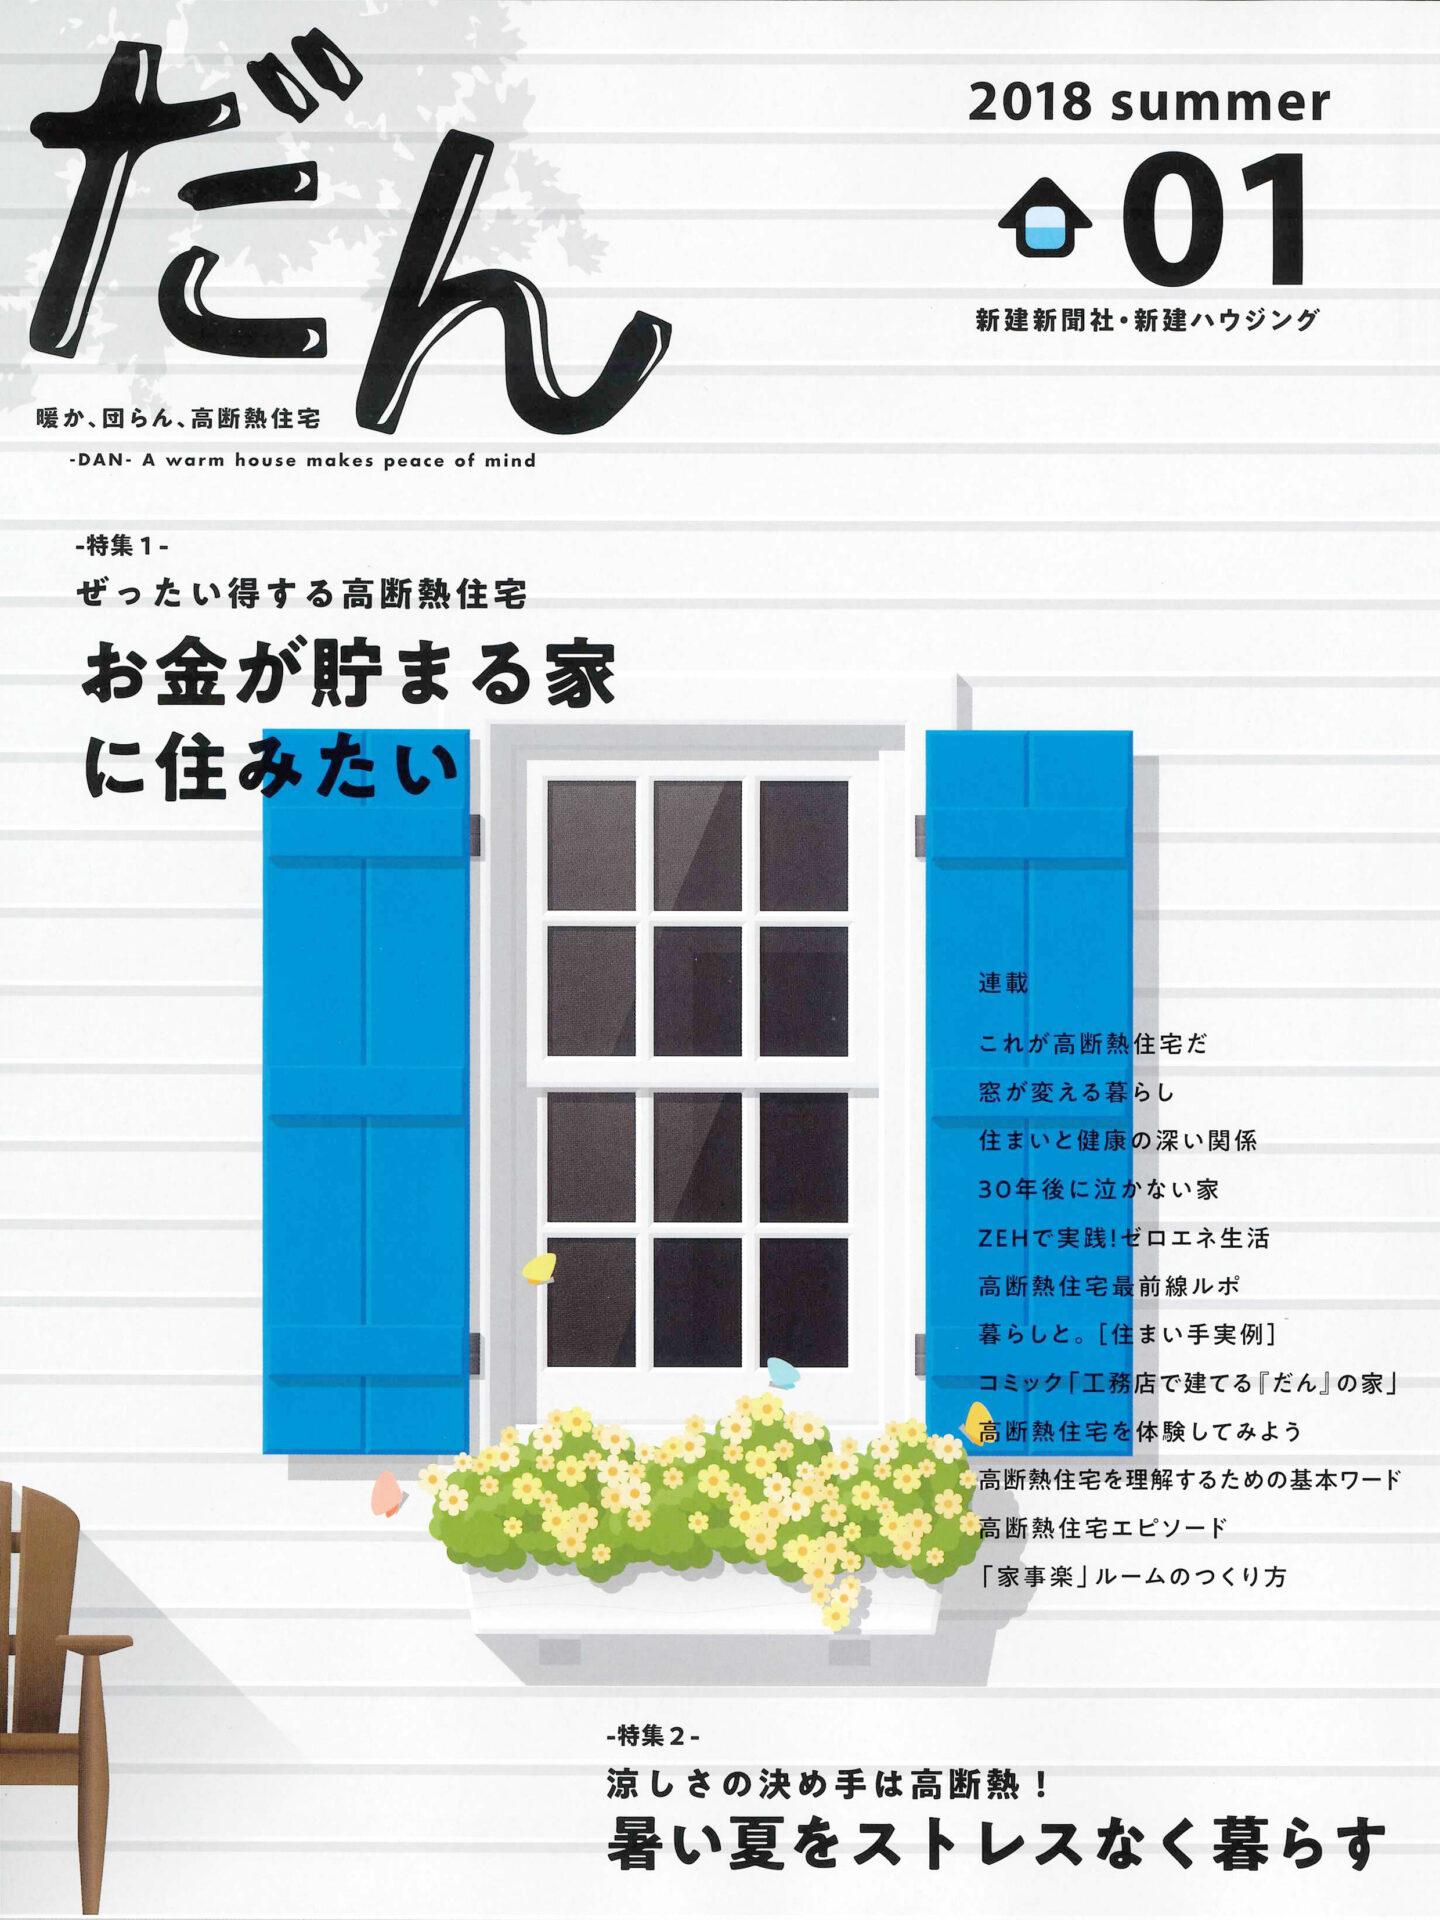 だん(新建新聞社・新建ハウジング発行)2018年7月30日発行